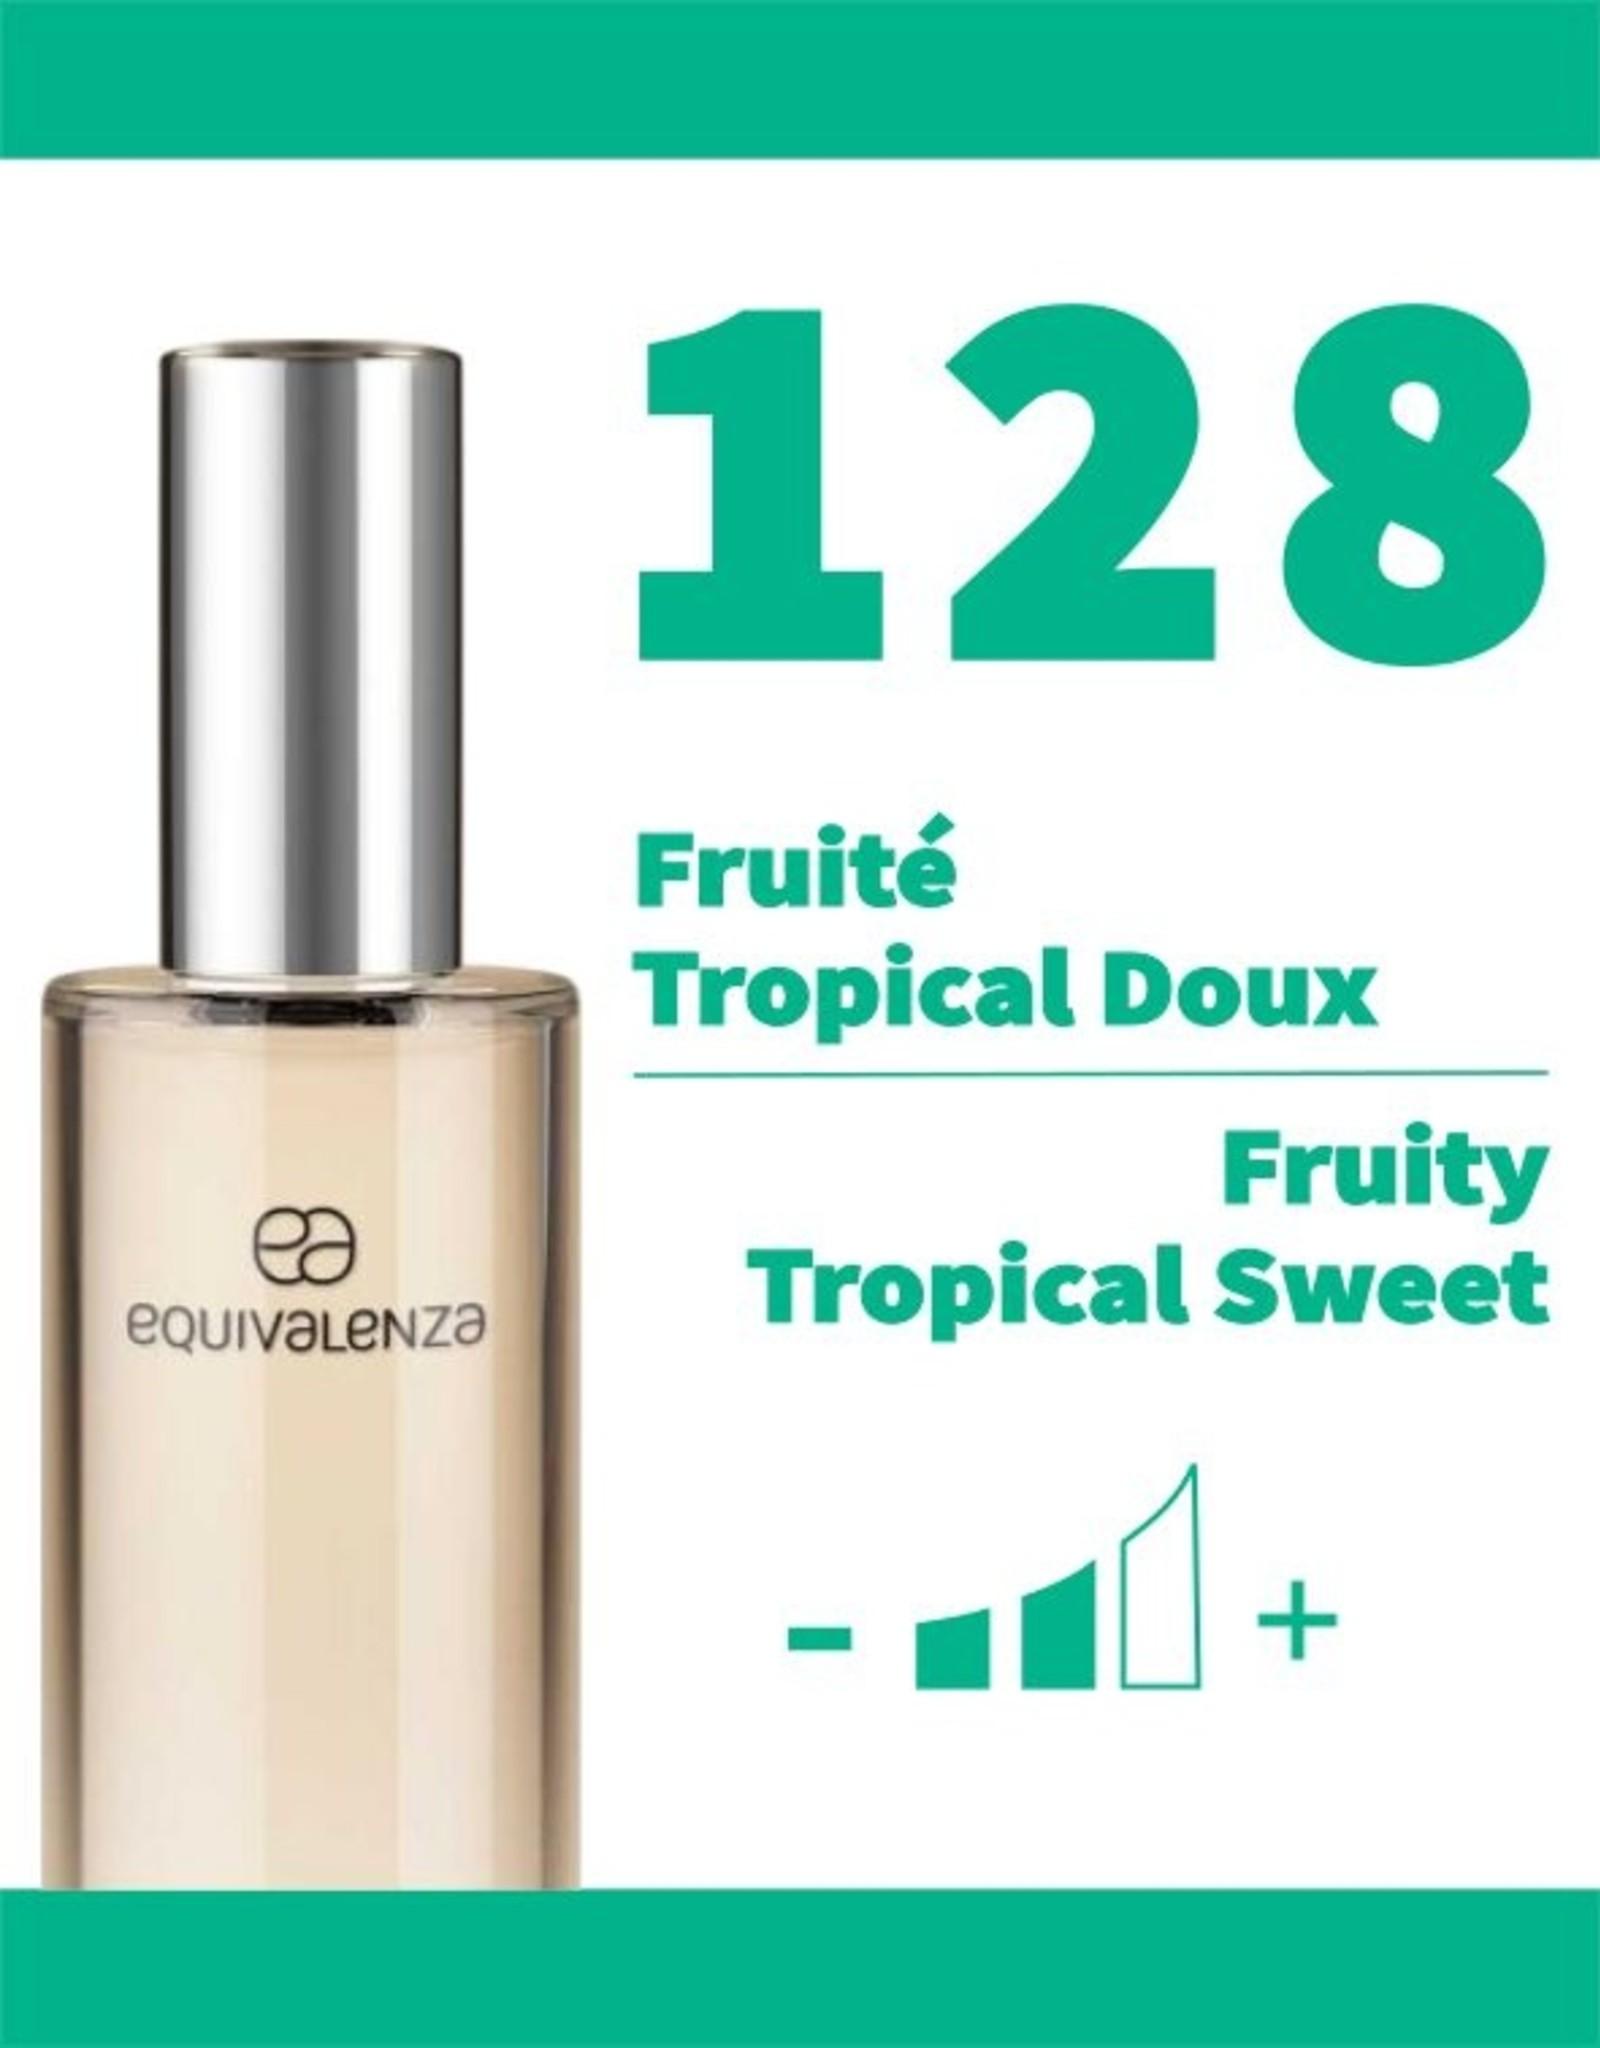 Equivalenza Fruité Tropical Doux 128